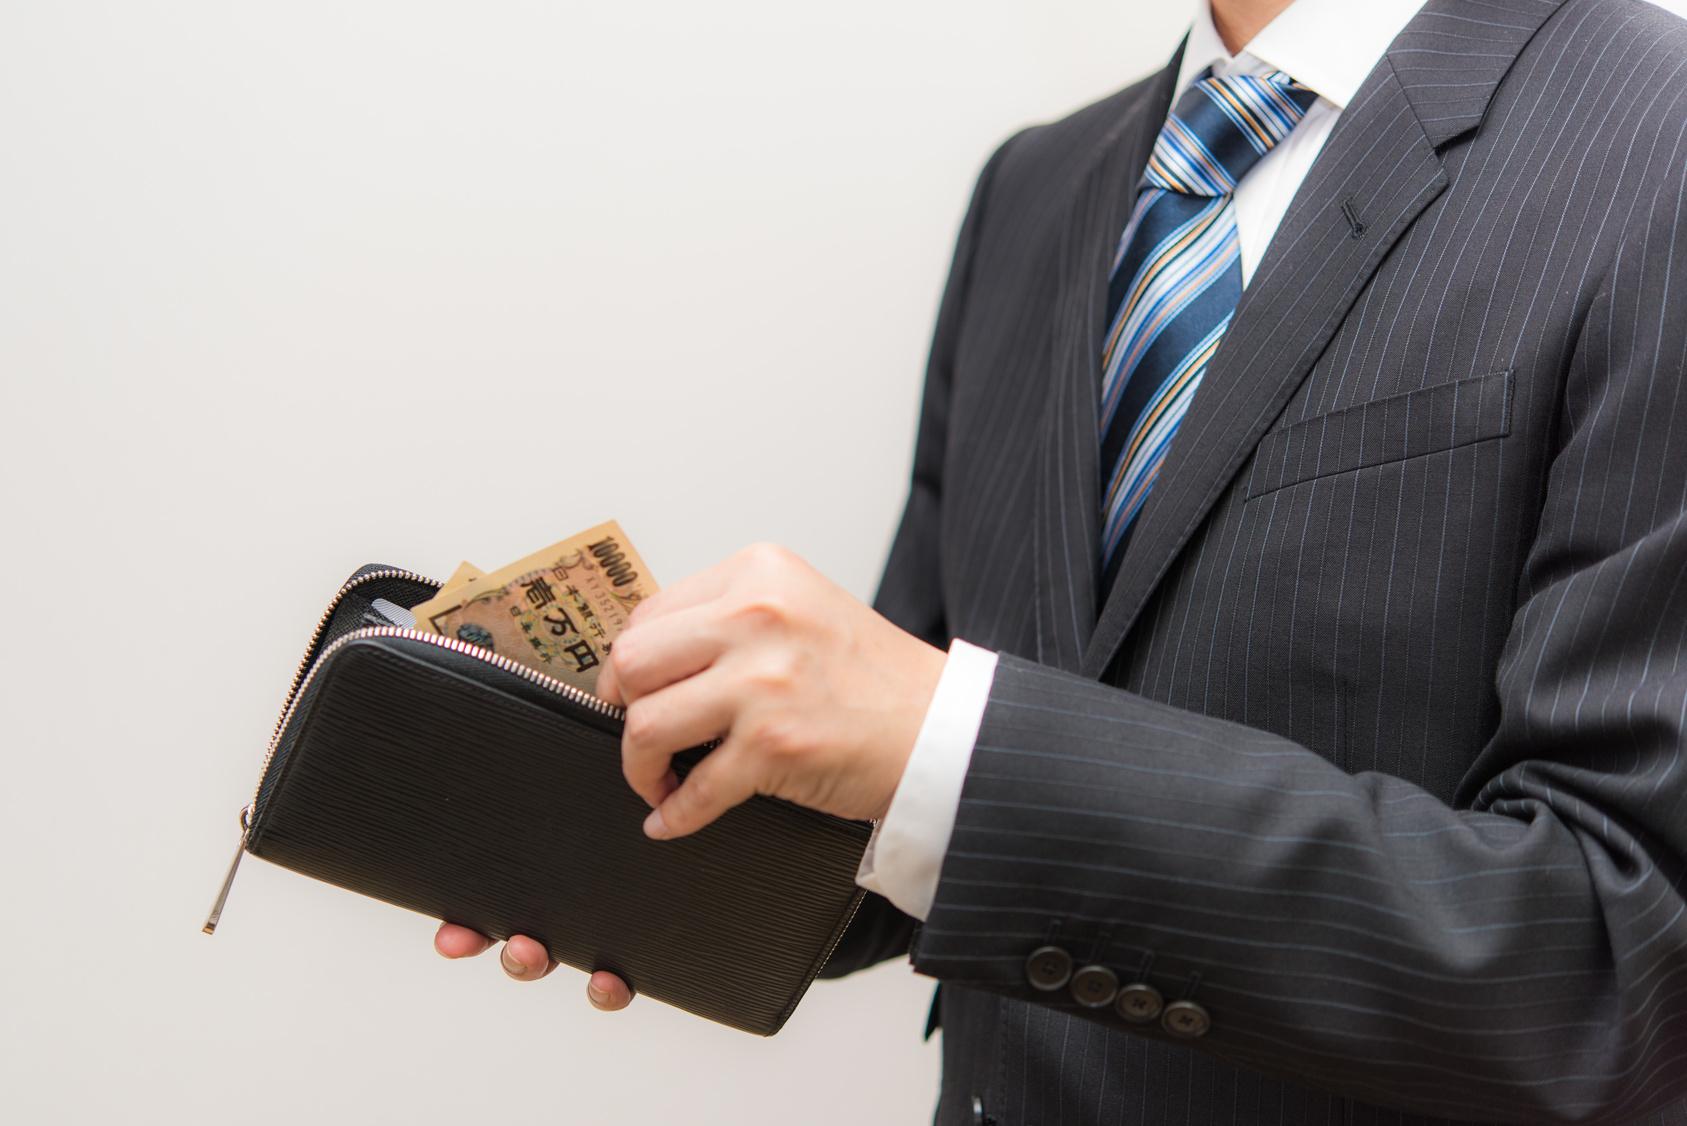 【財布レス生活】財布なしで生活できるかを本気で考えてみた